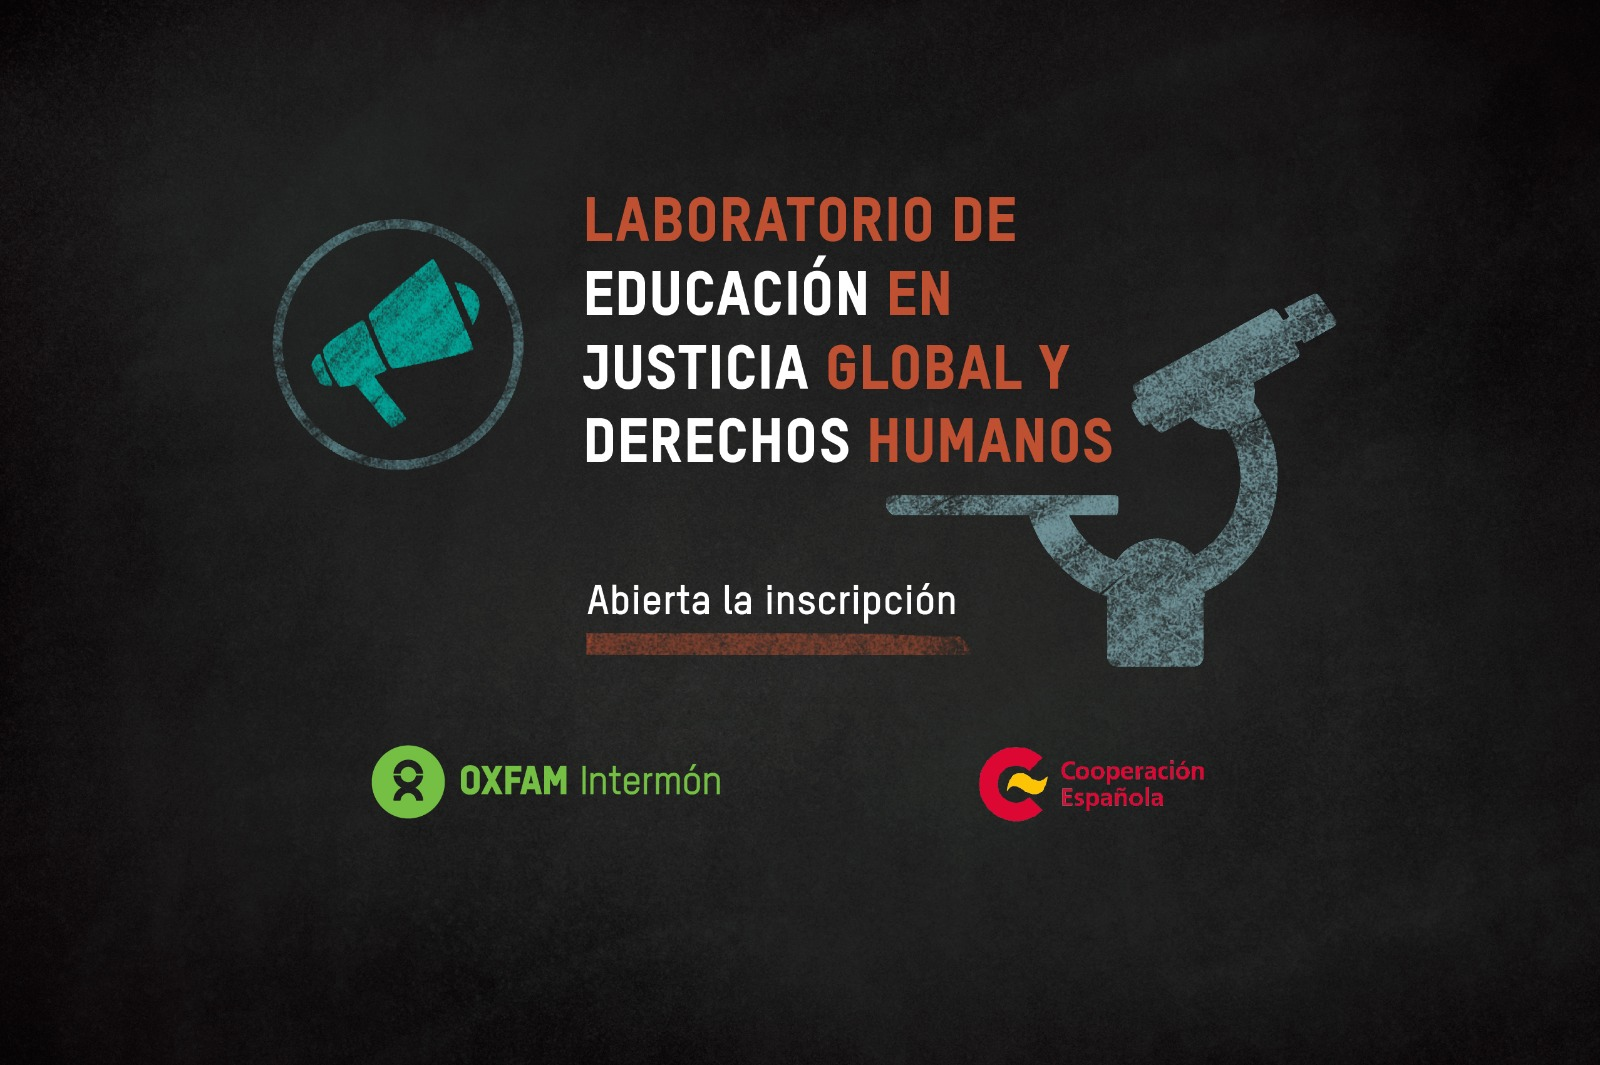 LAB educacion justicia derechos